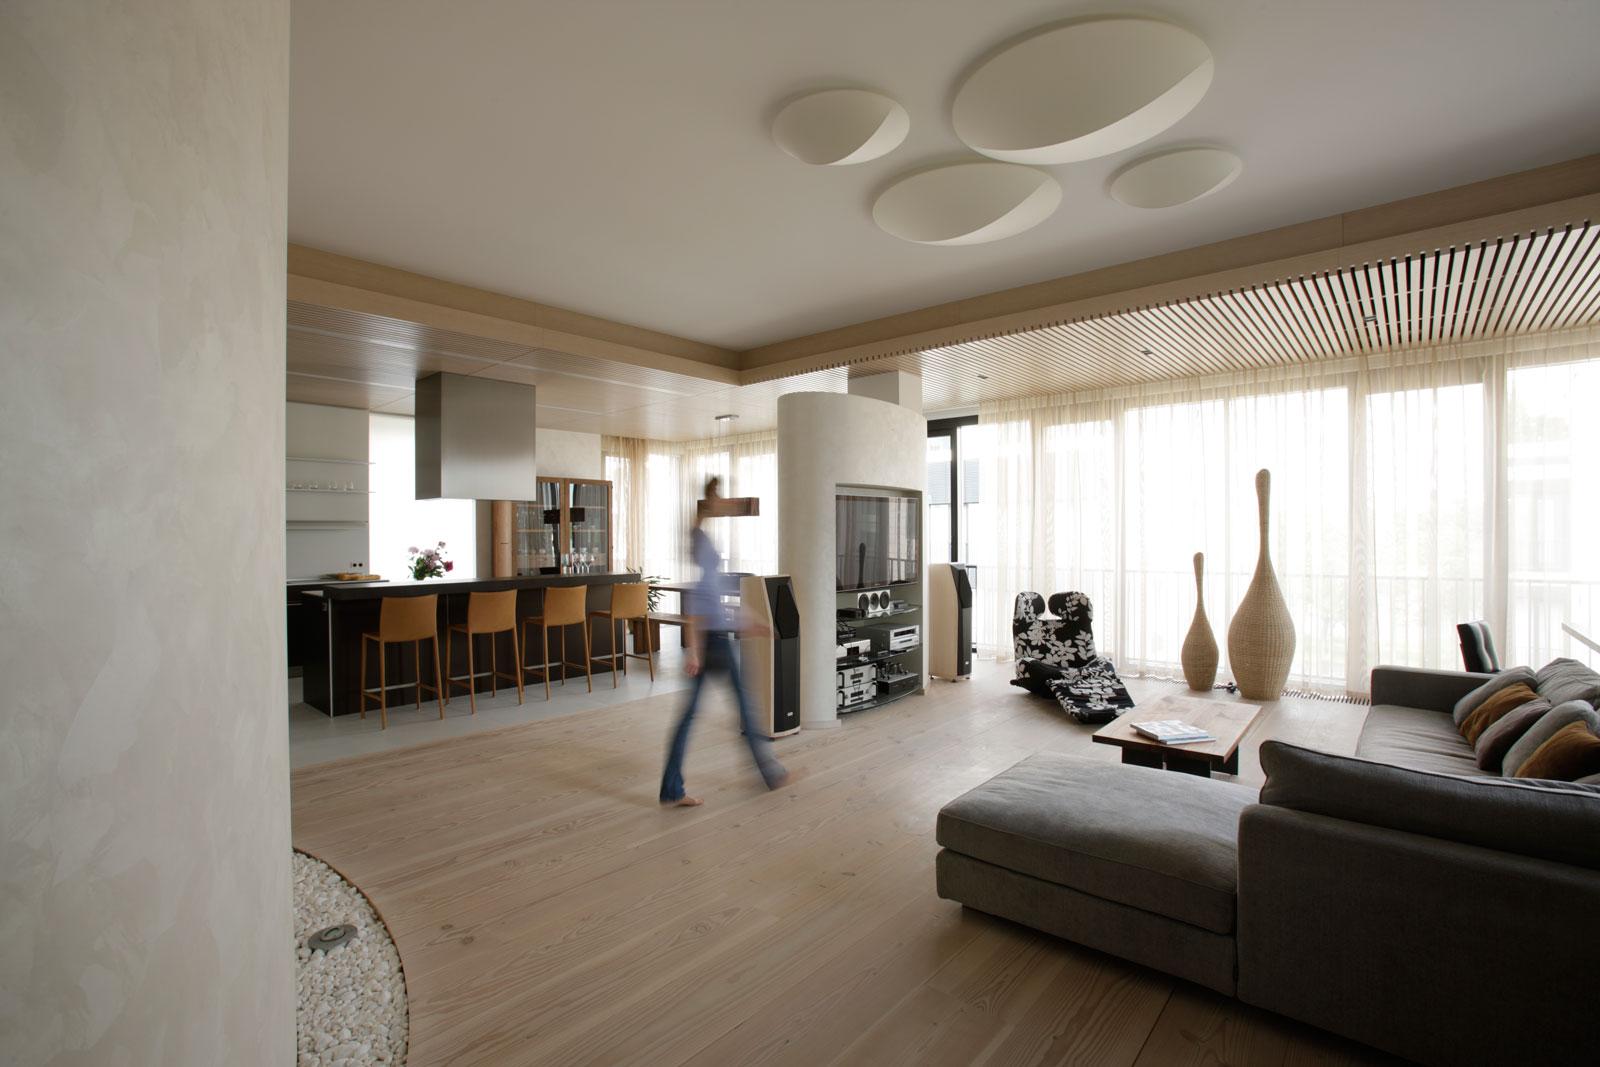 Дизайн интерьера квартиры 159 кв.м.